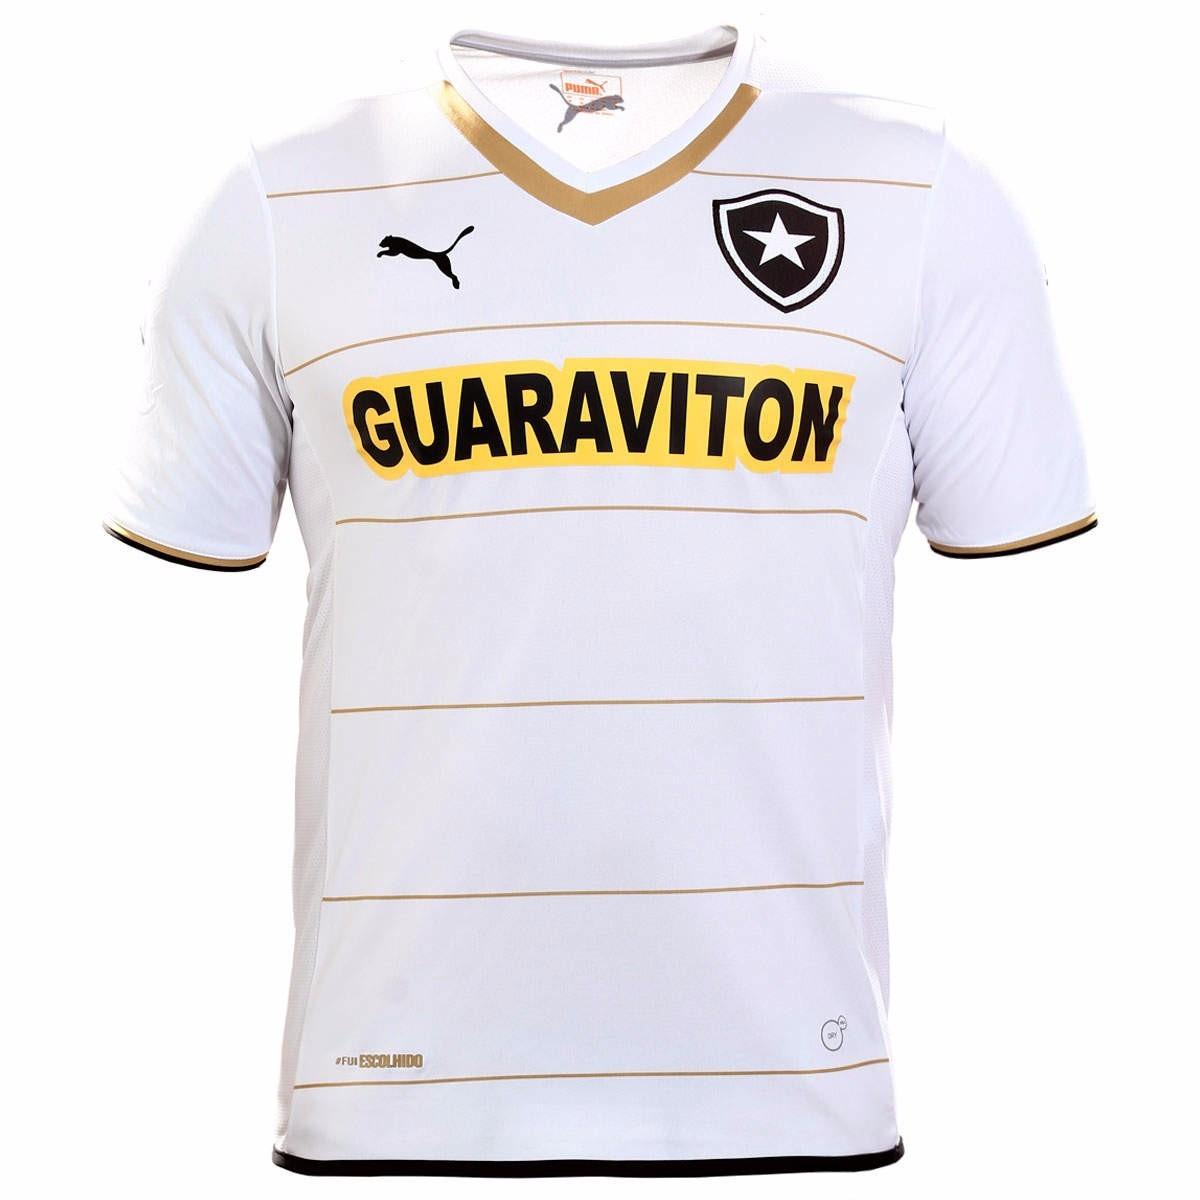 60 % Off ! Camisa Botafogo Oficial Puma Away 2014 2015 Nova - R  101 ... 086ef44d2b18a